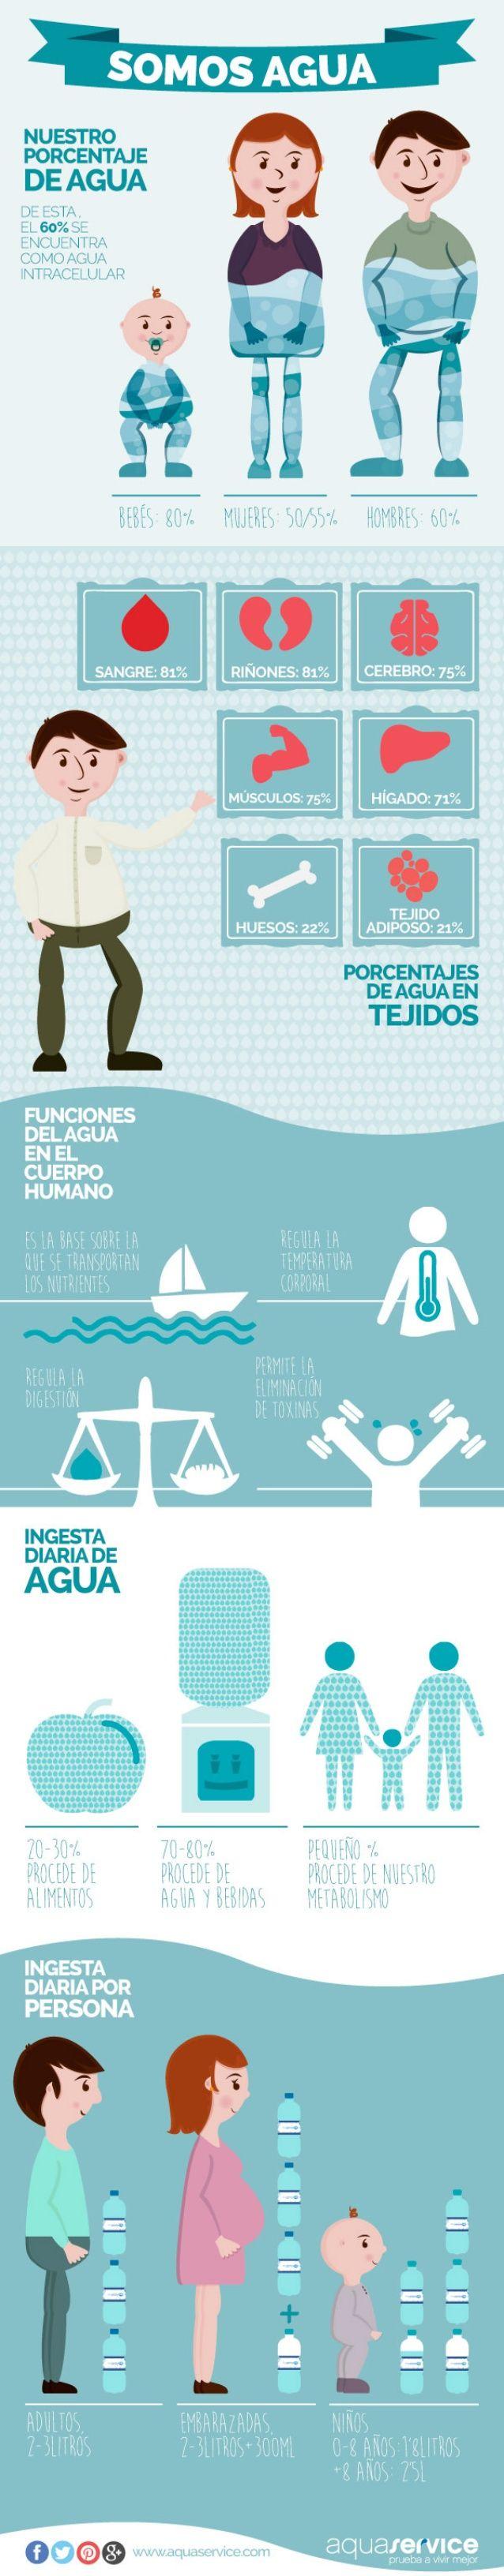 ¡Somos Agua! Celebramos el Día Mundial del Agua con esta infografía del líquido vital. Pinéala.